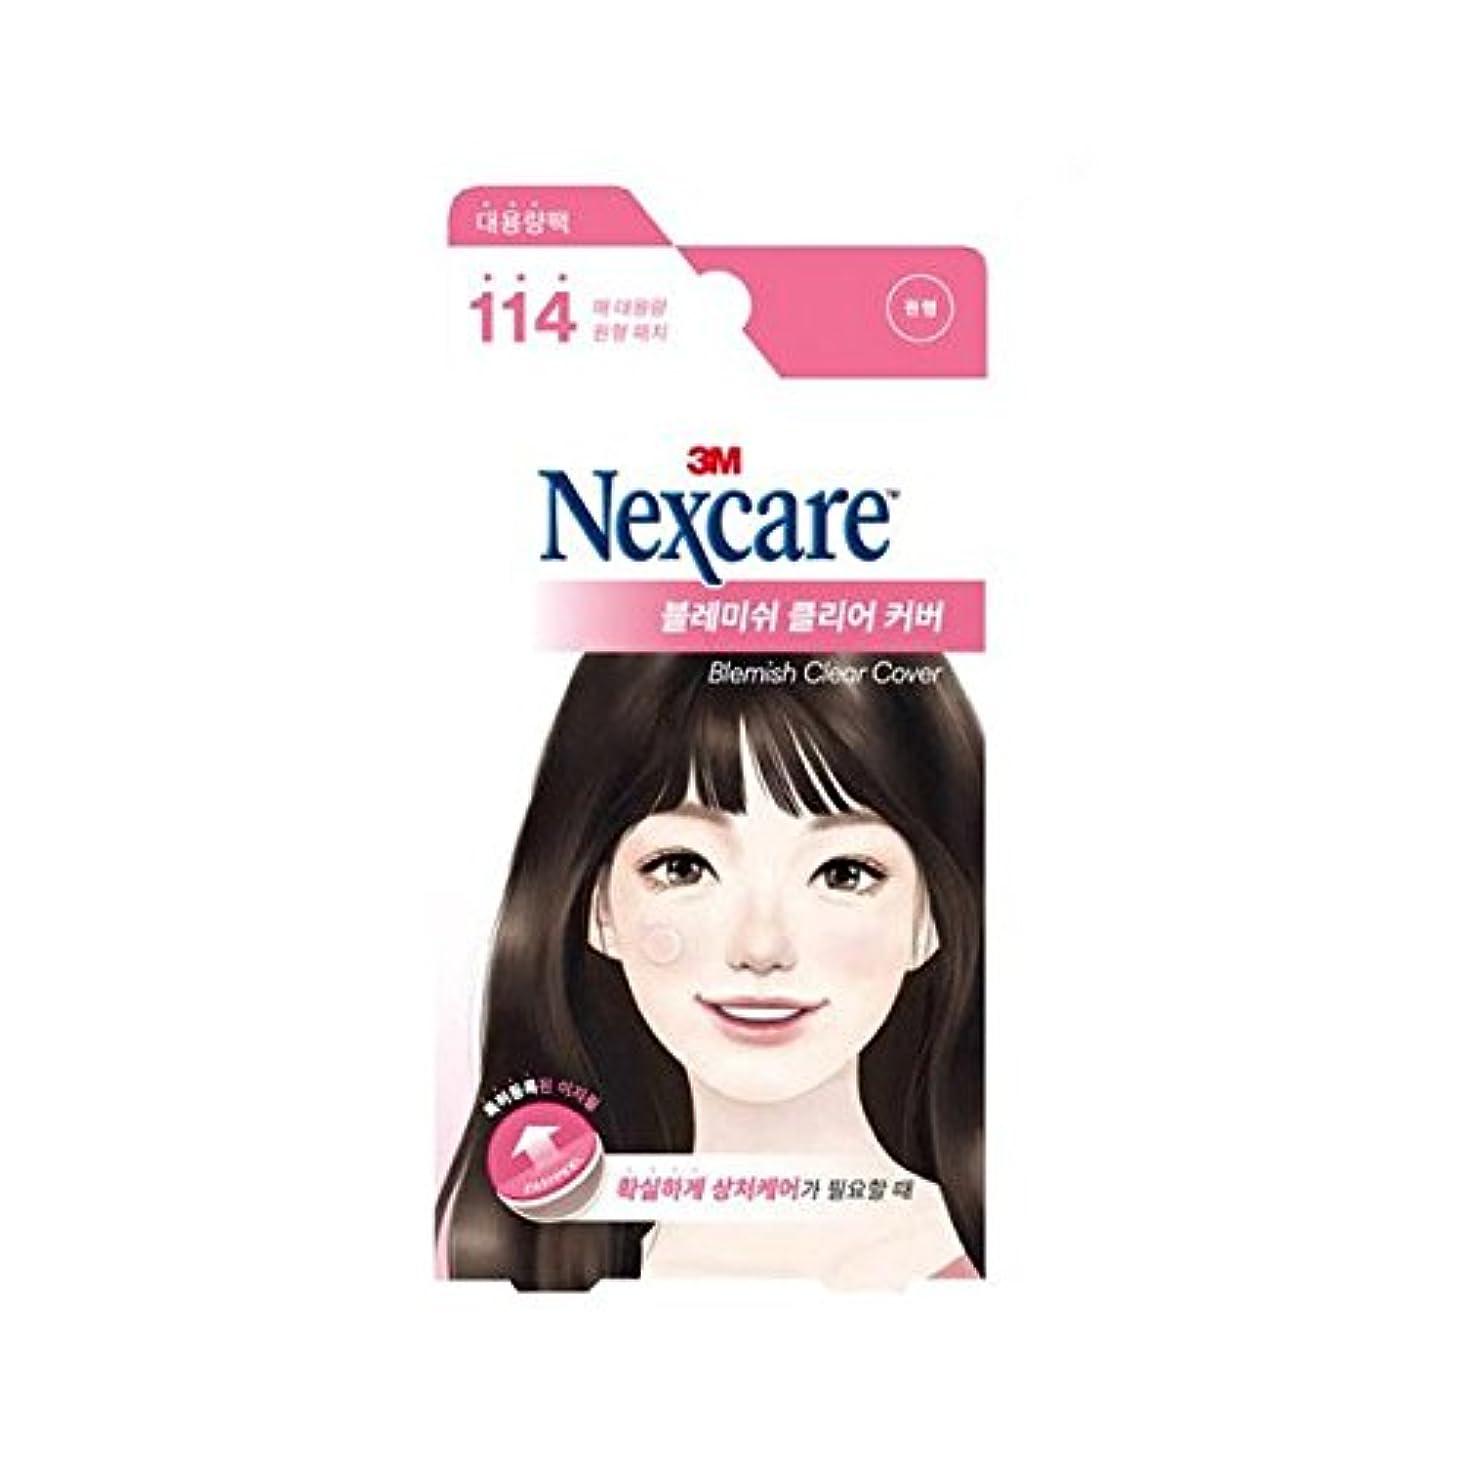 混合関税診療所[New] 3M Nexcare Blemish Clear Cover Easy Peel 114 Patches/3M ネクスケア ブレミッシュ クリア カバー イージー ピール 114パッチ入り [並行輸入品]